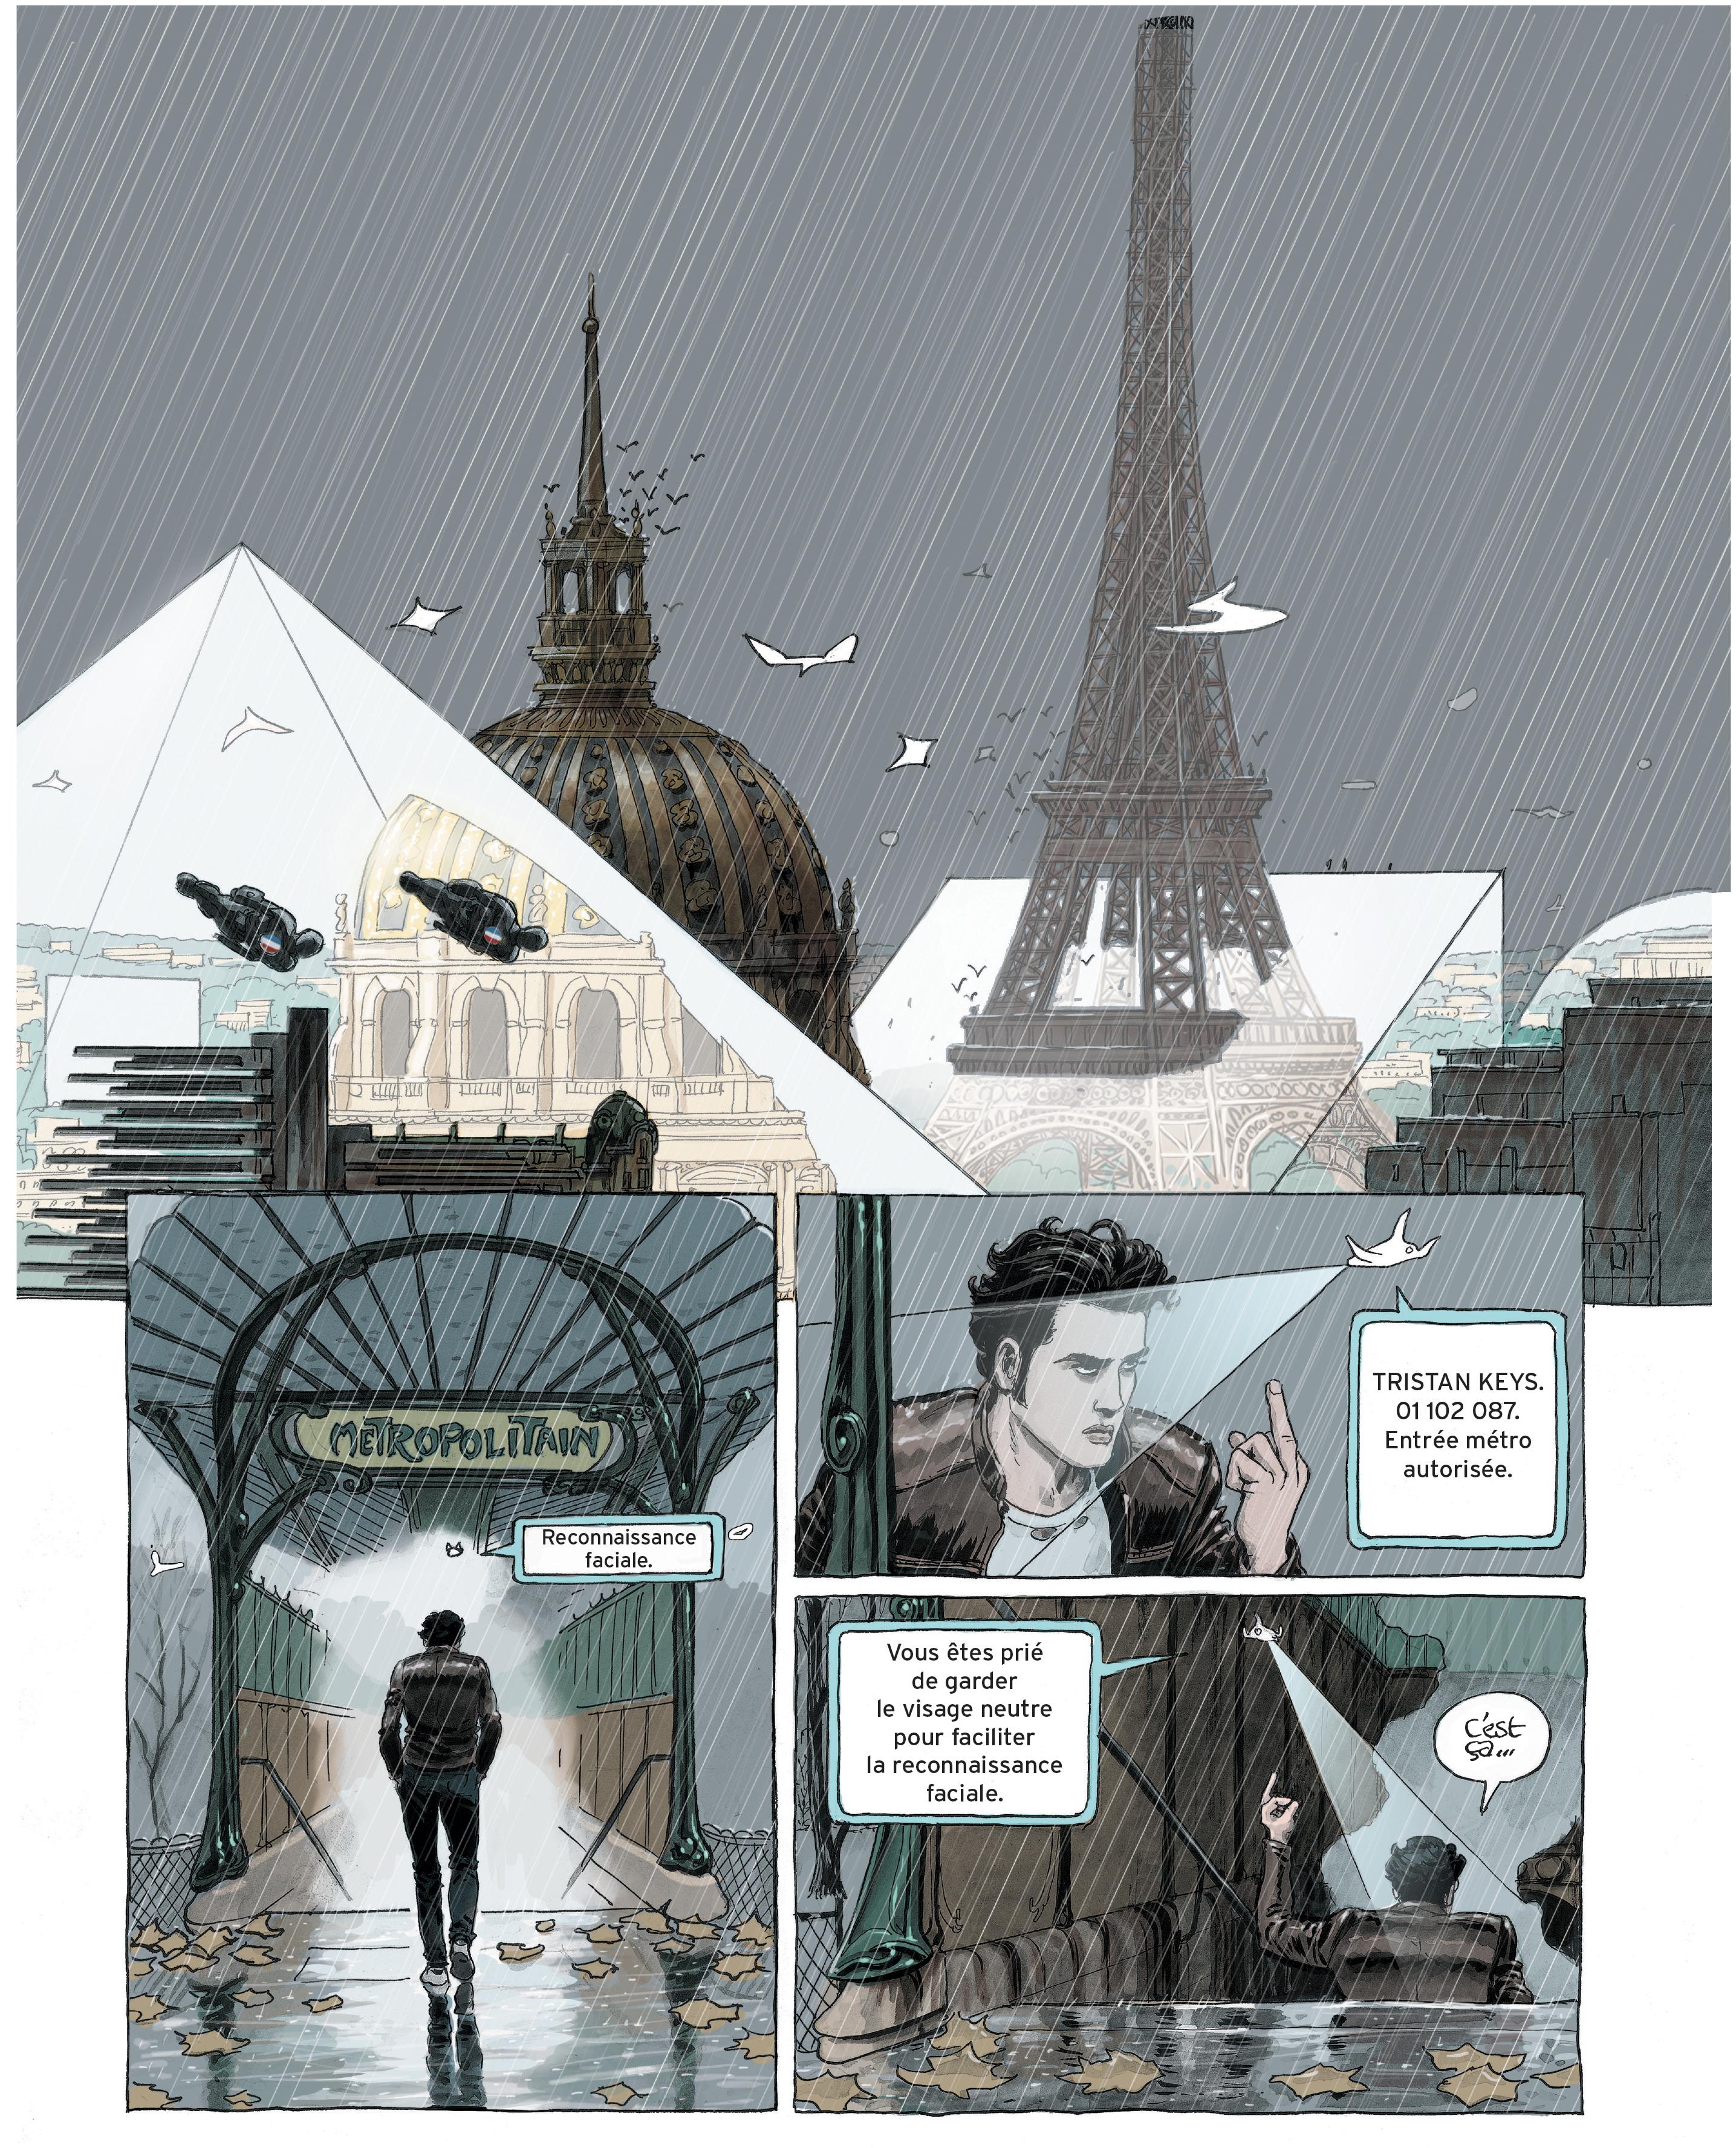 Paris 2119.indd